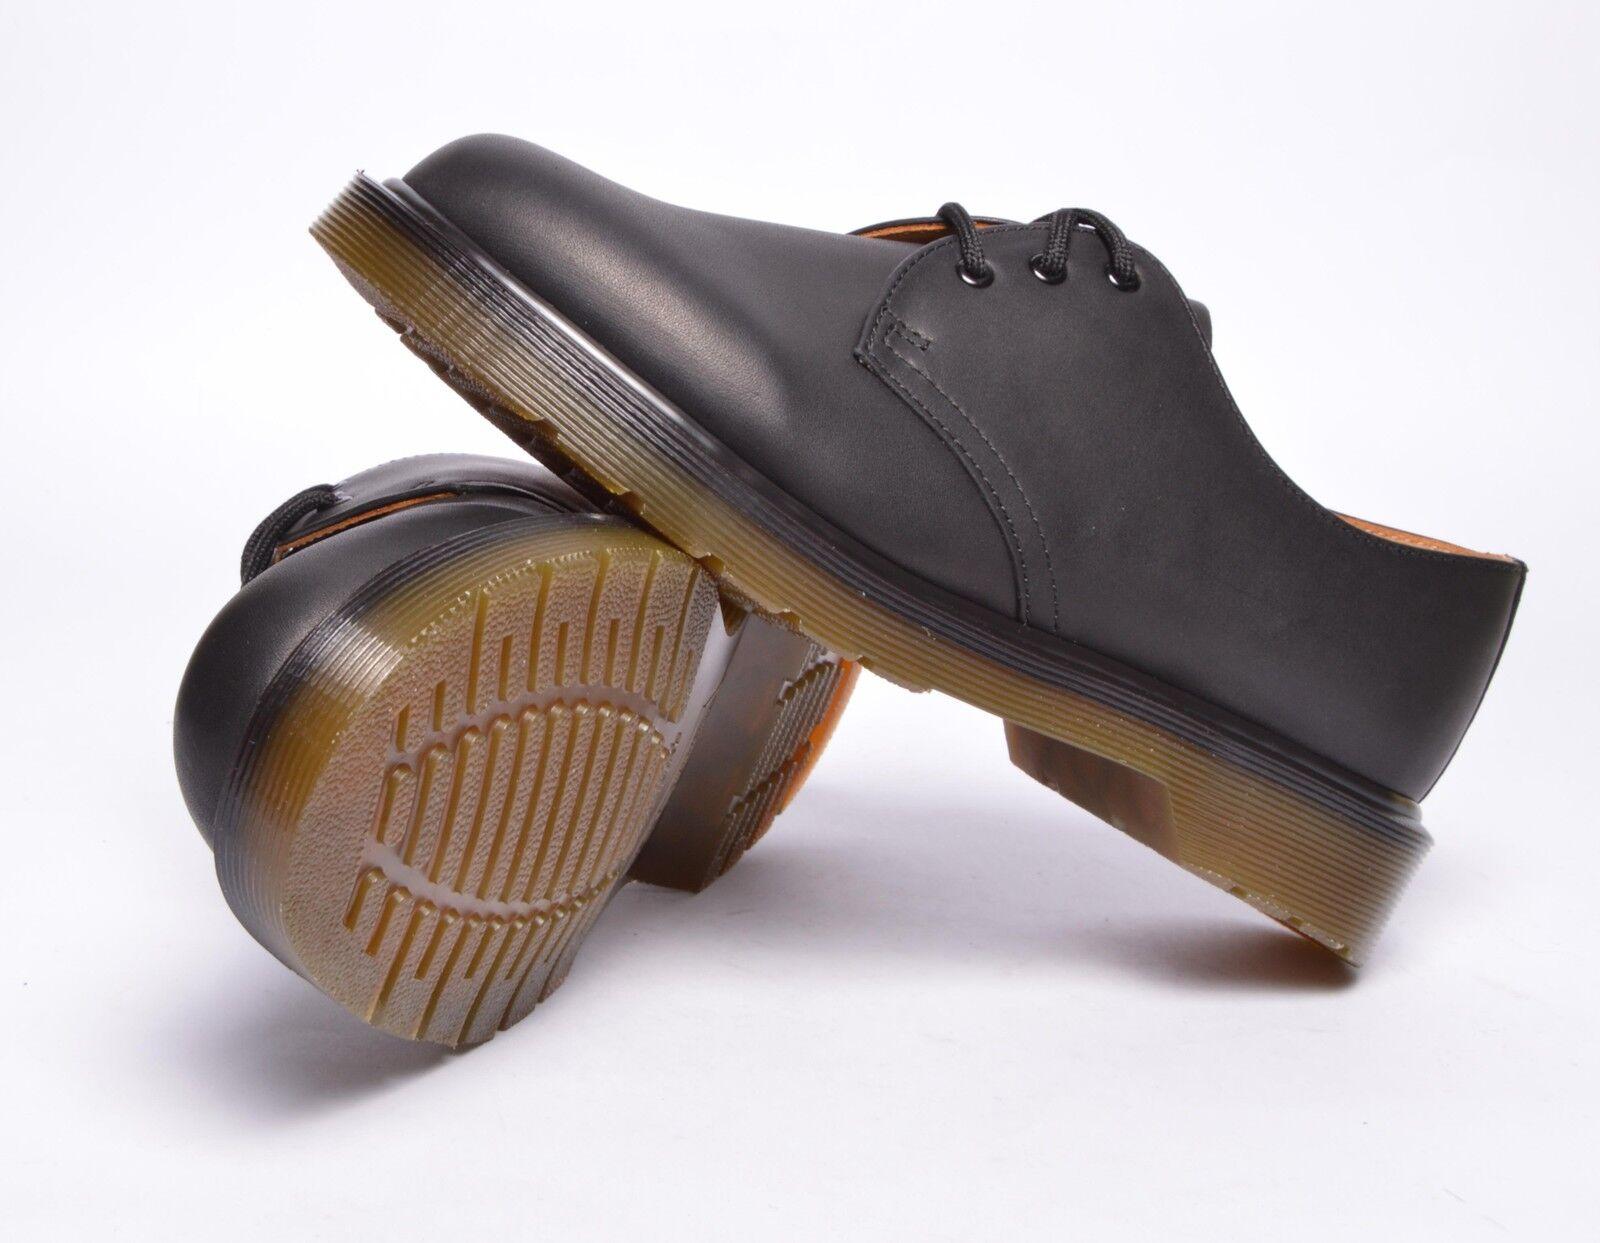 Dr Martens Schuhe 1461 pw black noir greasy Schuhe schwarz